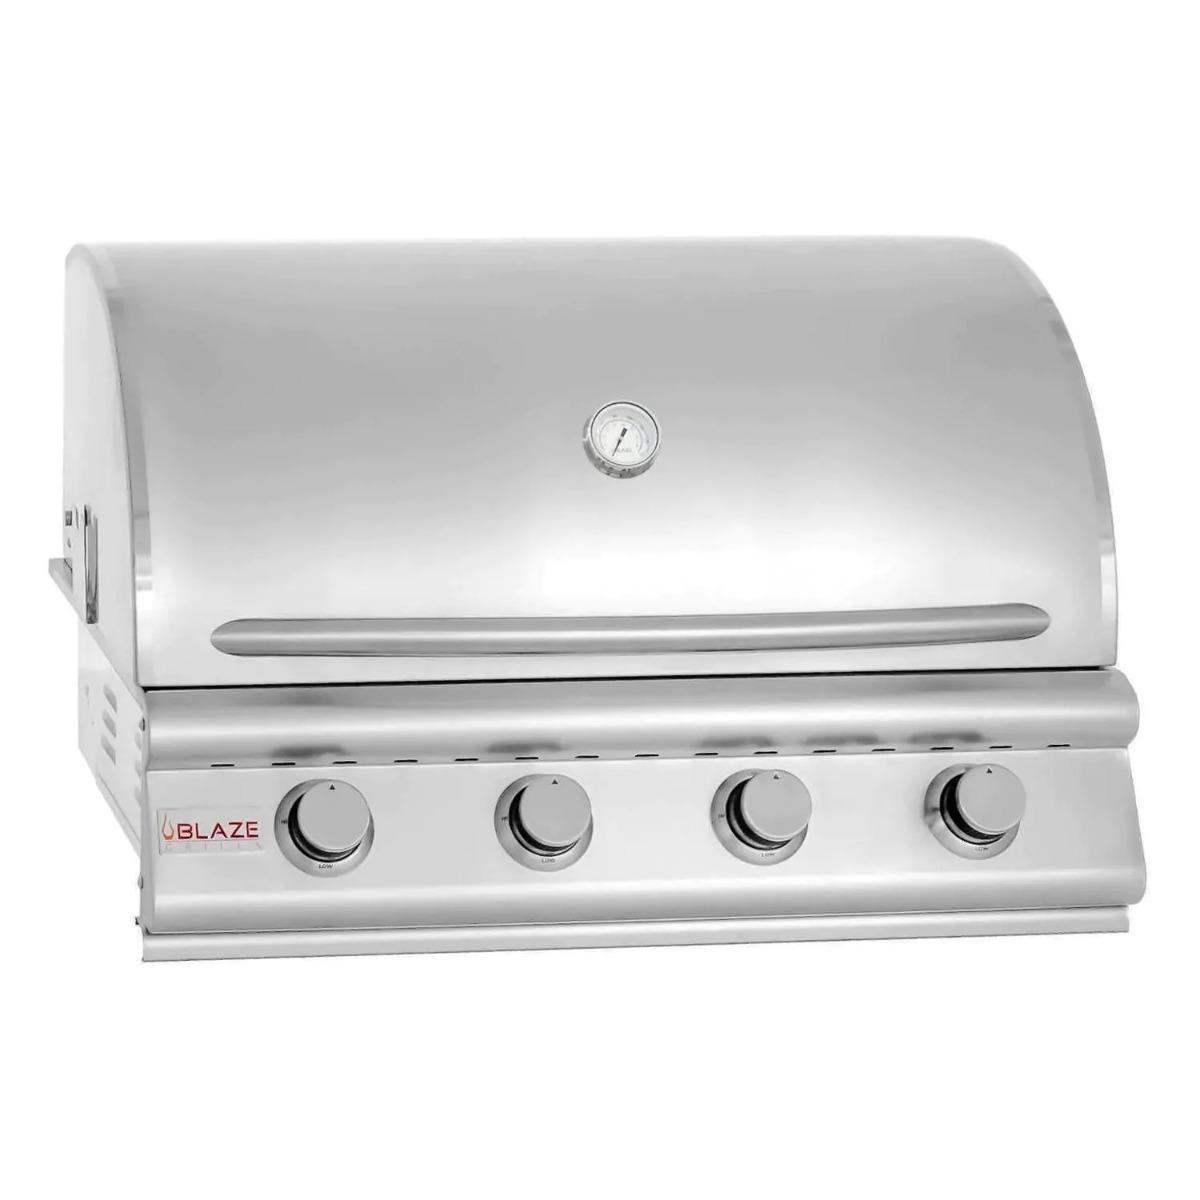 4 Burner LBM Built In Propane Blaze Grill (32 Inches) blz-4-lbm-lp-rt